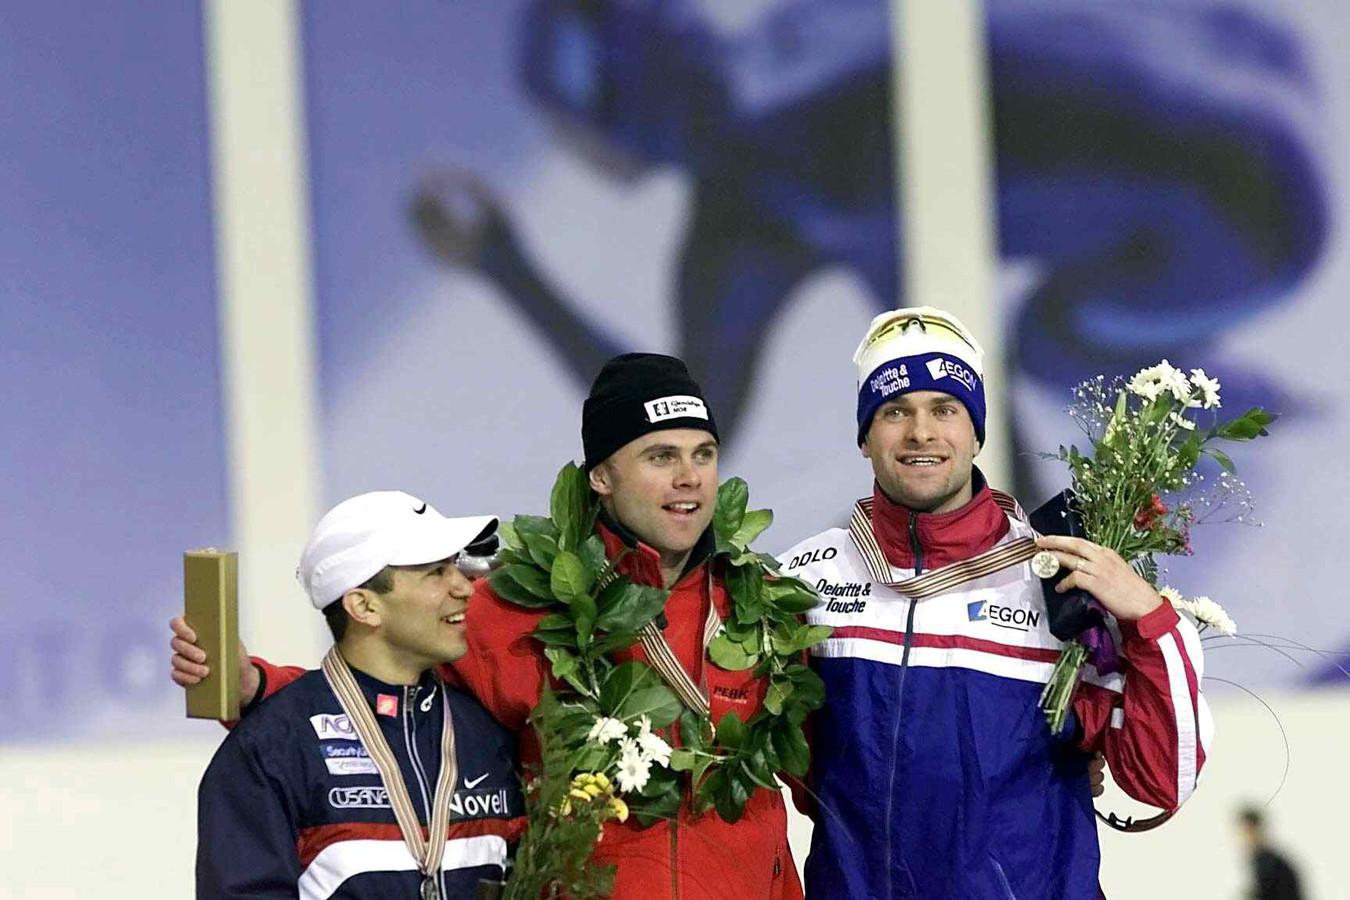 Erben Wennemars bij de WK afstanden in 2001 samen op het podium met de Noorse winnaar Adne Søndral.